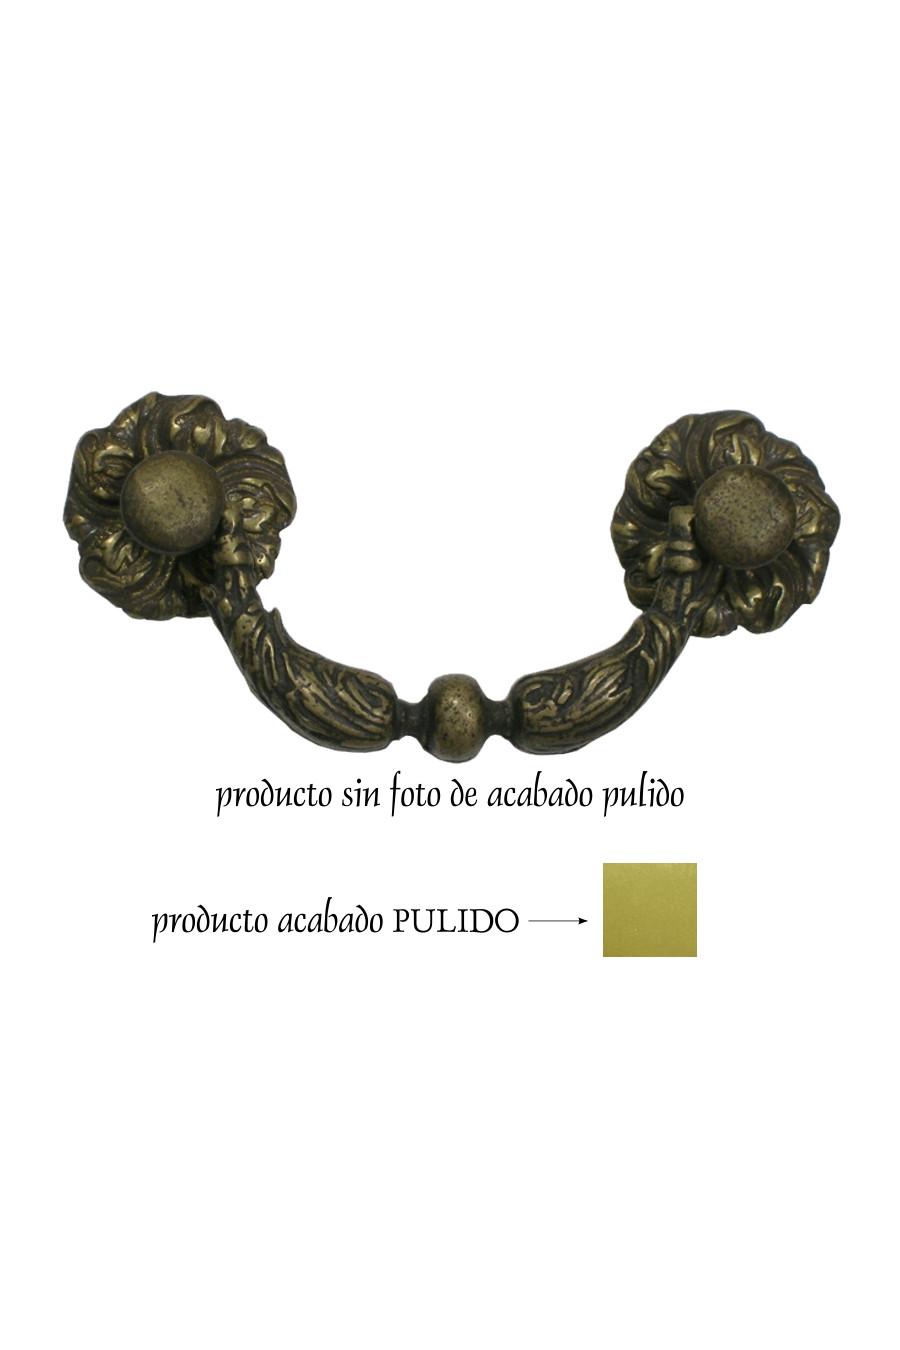 01.004 Pulido